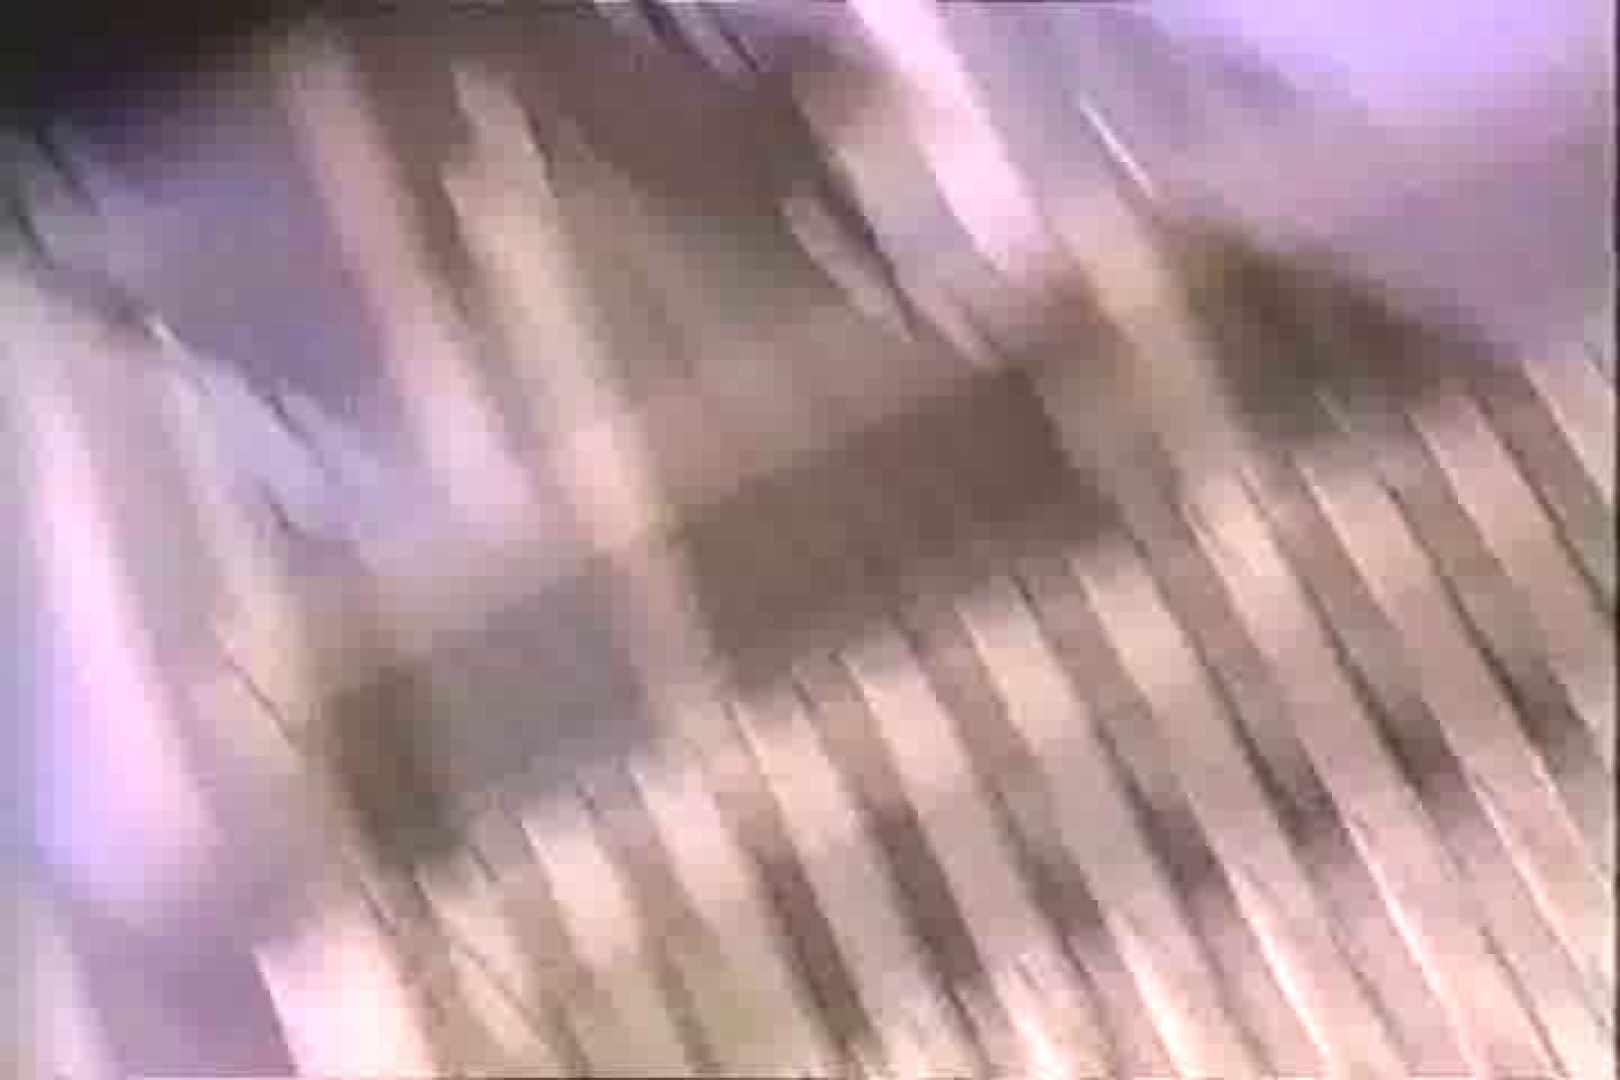 「ちくりん」さんのオリジナル未編集パンチラVol.1_01 OL  102枚 76